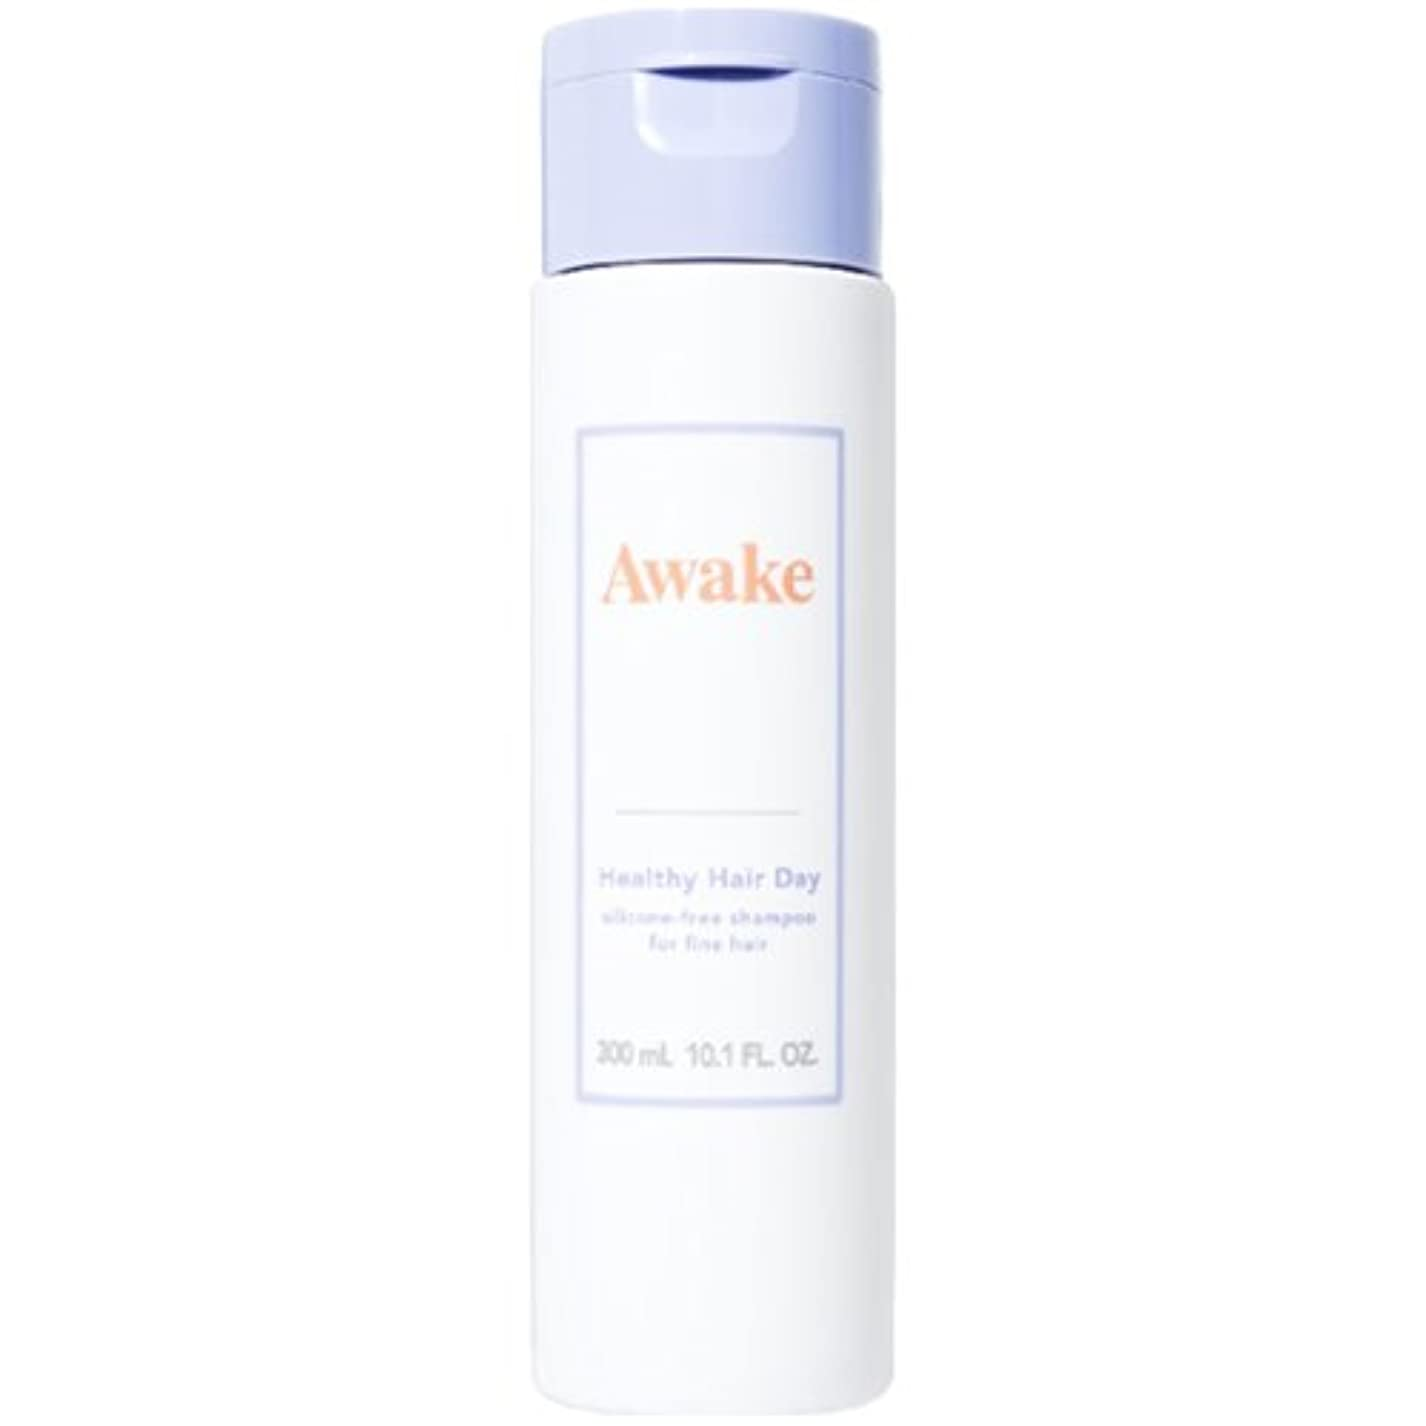 繕うお世話になった負アウェイク(AWAKE) Awake(アウェイク) ヘルシーヘアデイ シリコーンフリー ヘアシャンプー ハリコシアップヘア用 (300mL)